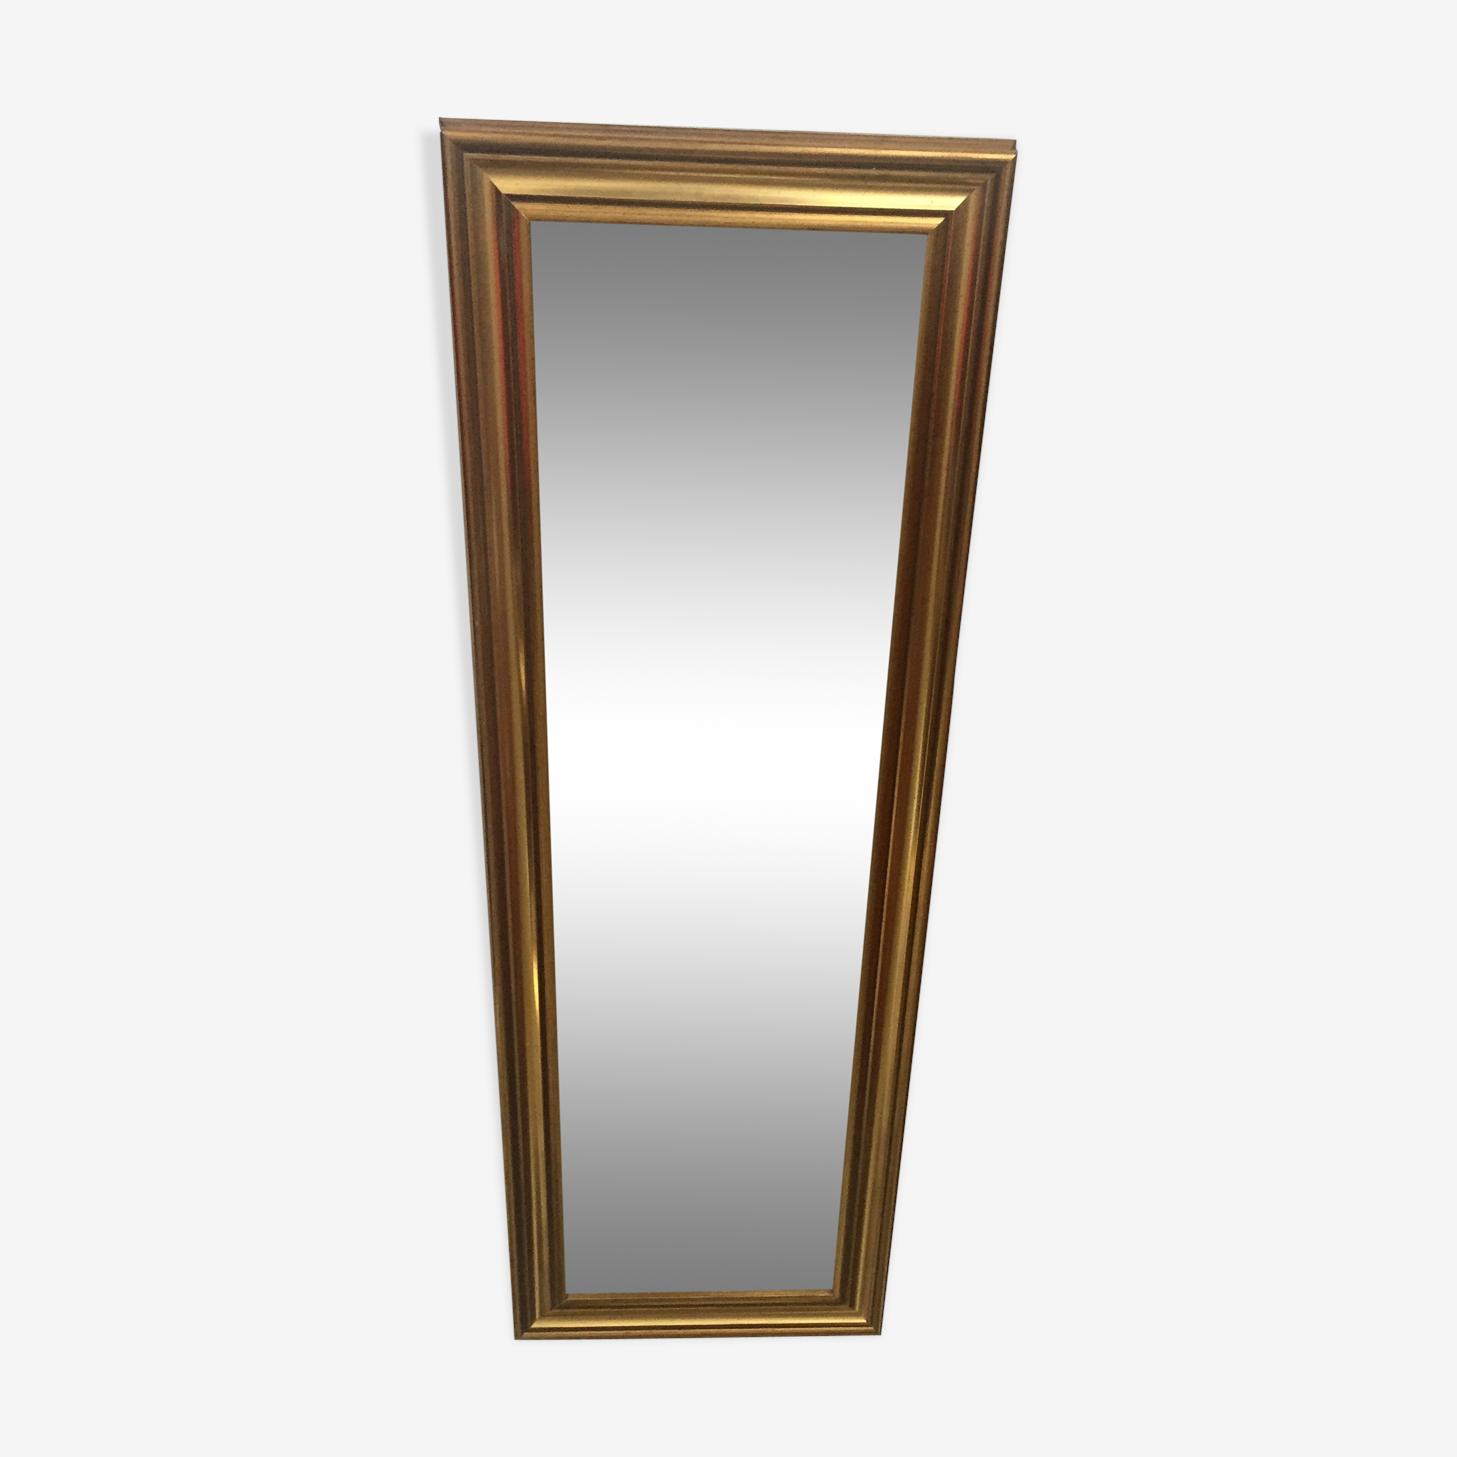 Mirror wooden gold 105x35cm